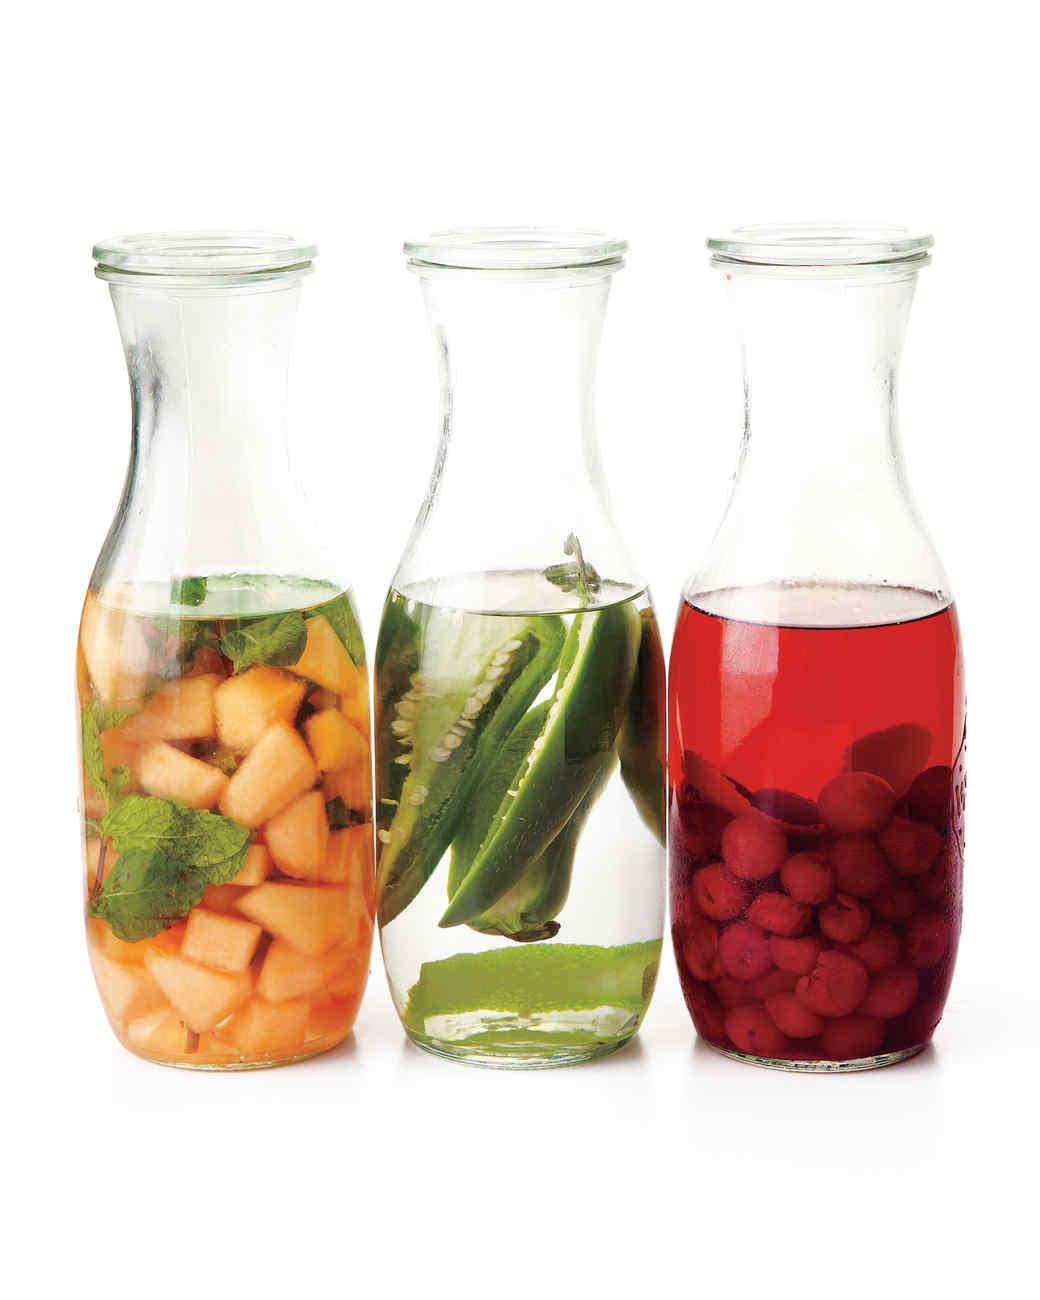 Image Result For Fresh Cu Ber And Cu Ber Liquorrecipes